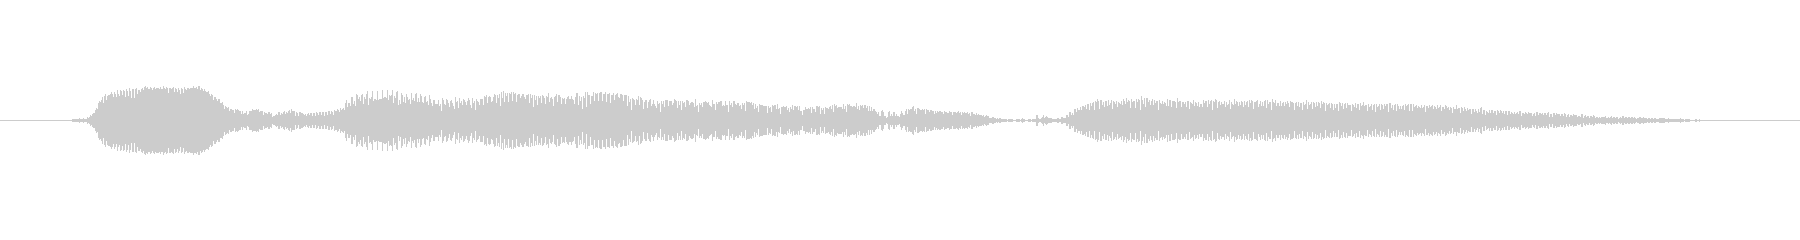 鳴き声 女性トークエルフィッシュ05の未再生の波形